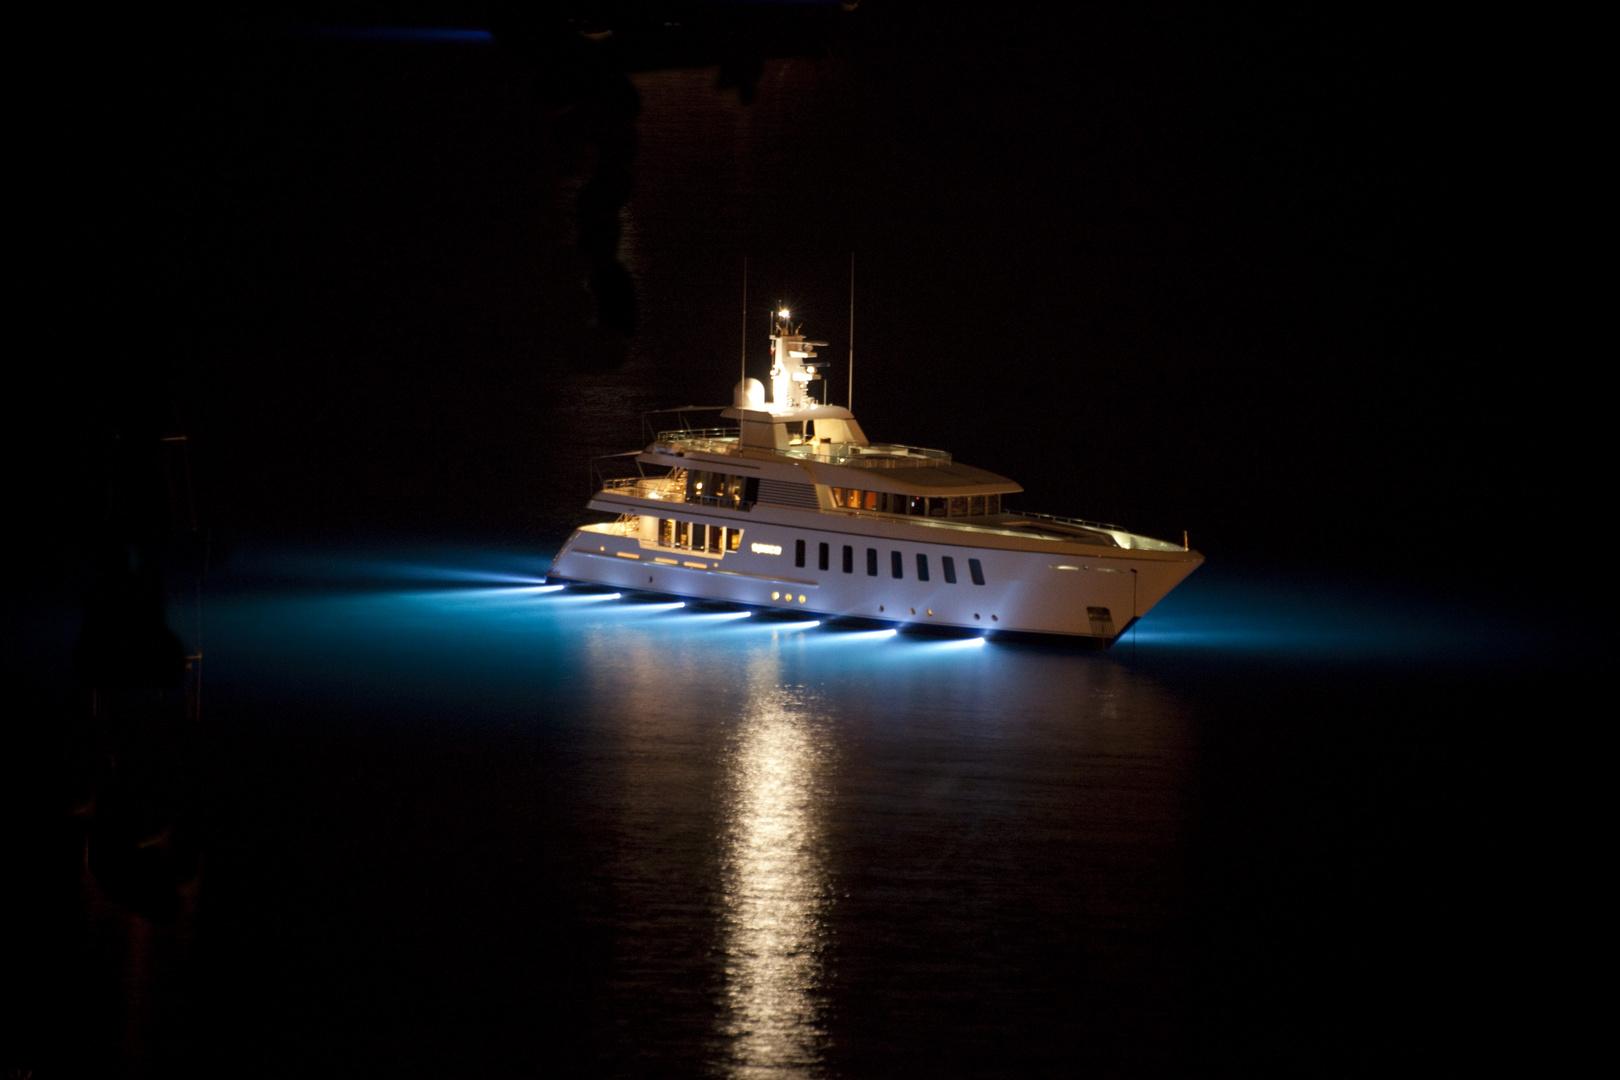 yacht de nuit (baie de villefranche)